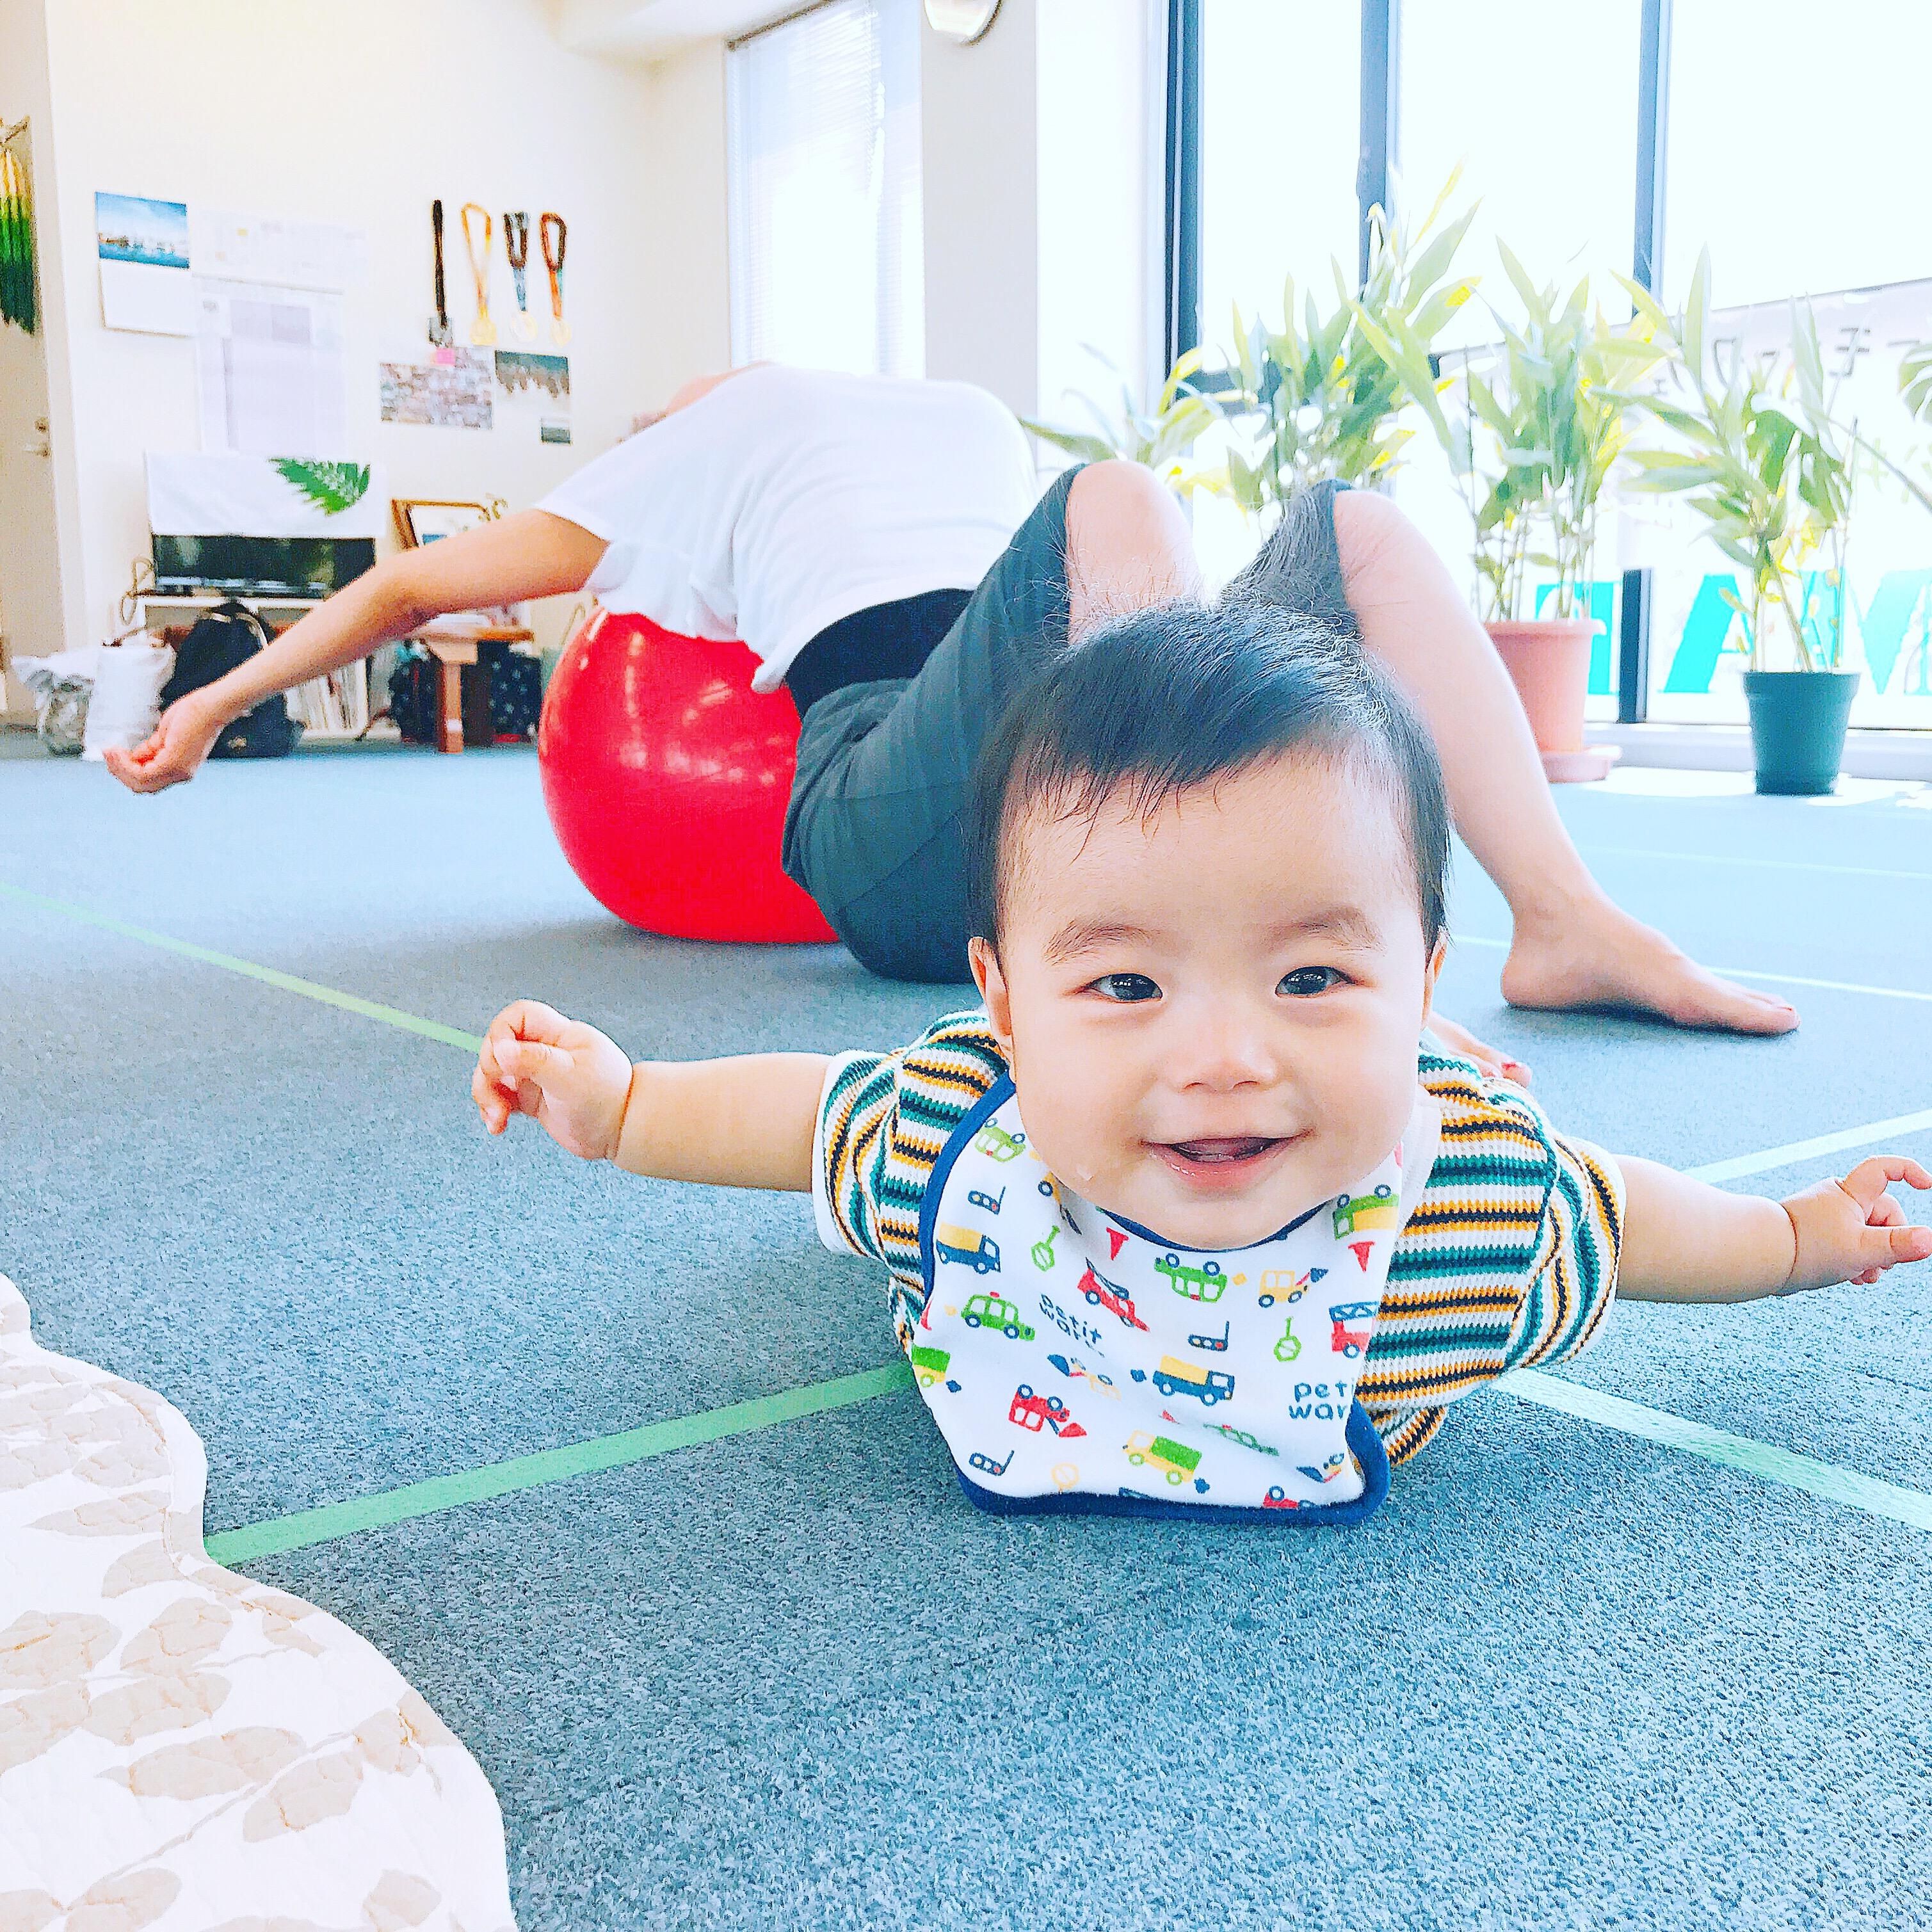 産後、痩せたい、体力つけたい、子育てを楽しみたいの根っこは一緒